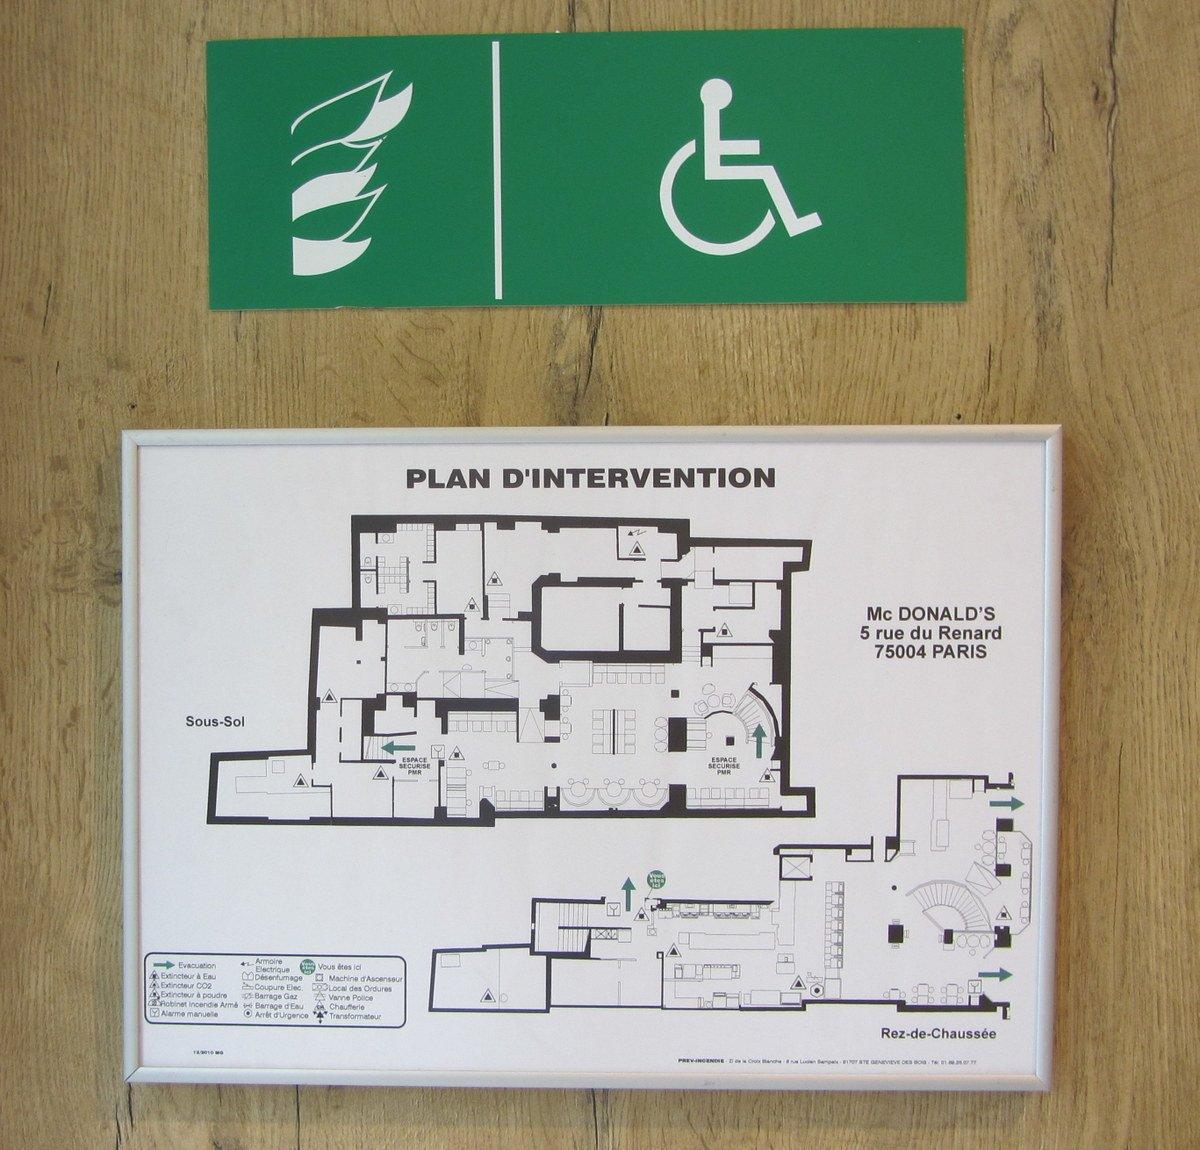 plano de evacuación de un restaurant que incorpora señalización de accesibilidad